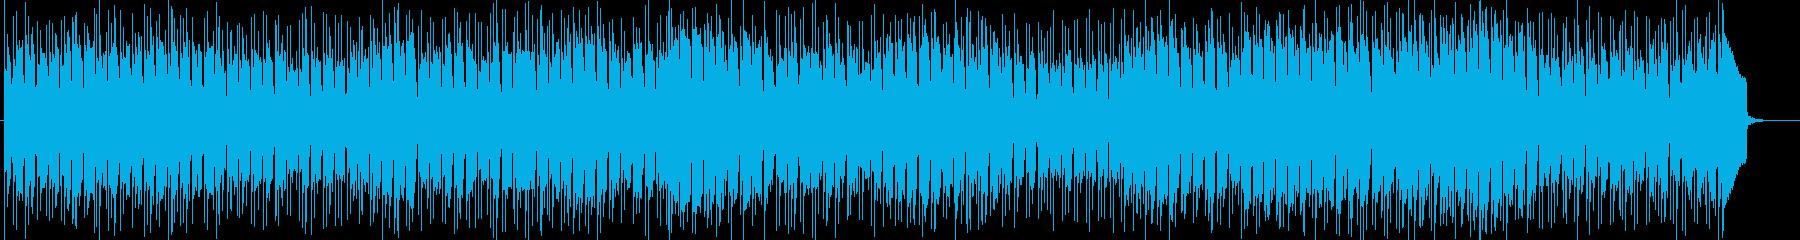 コミカルな感じでノリのいいラテン系の曲の再生済みの波形